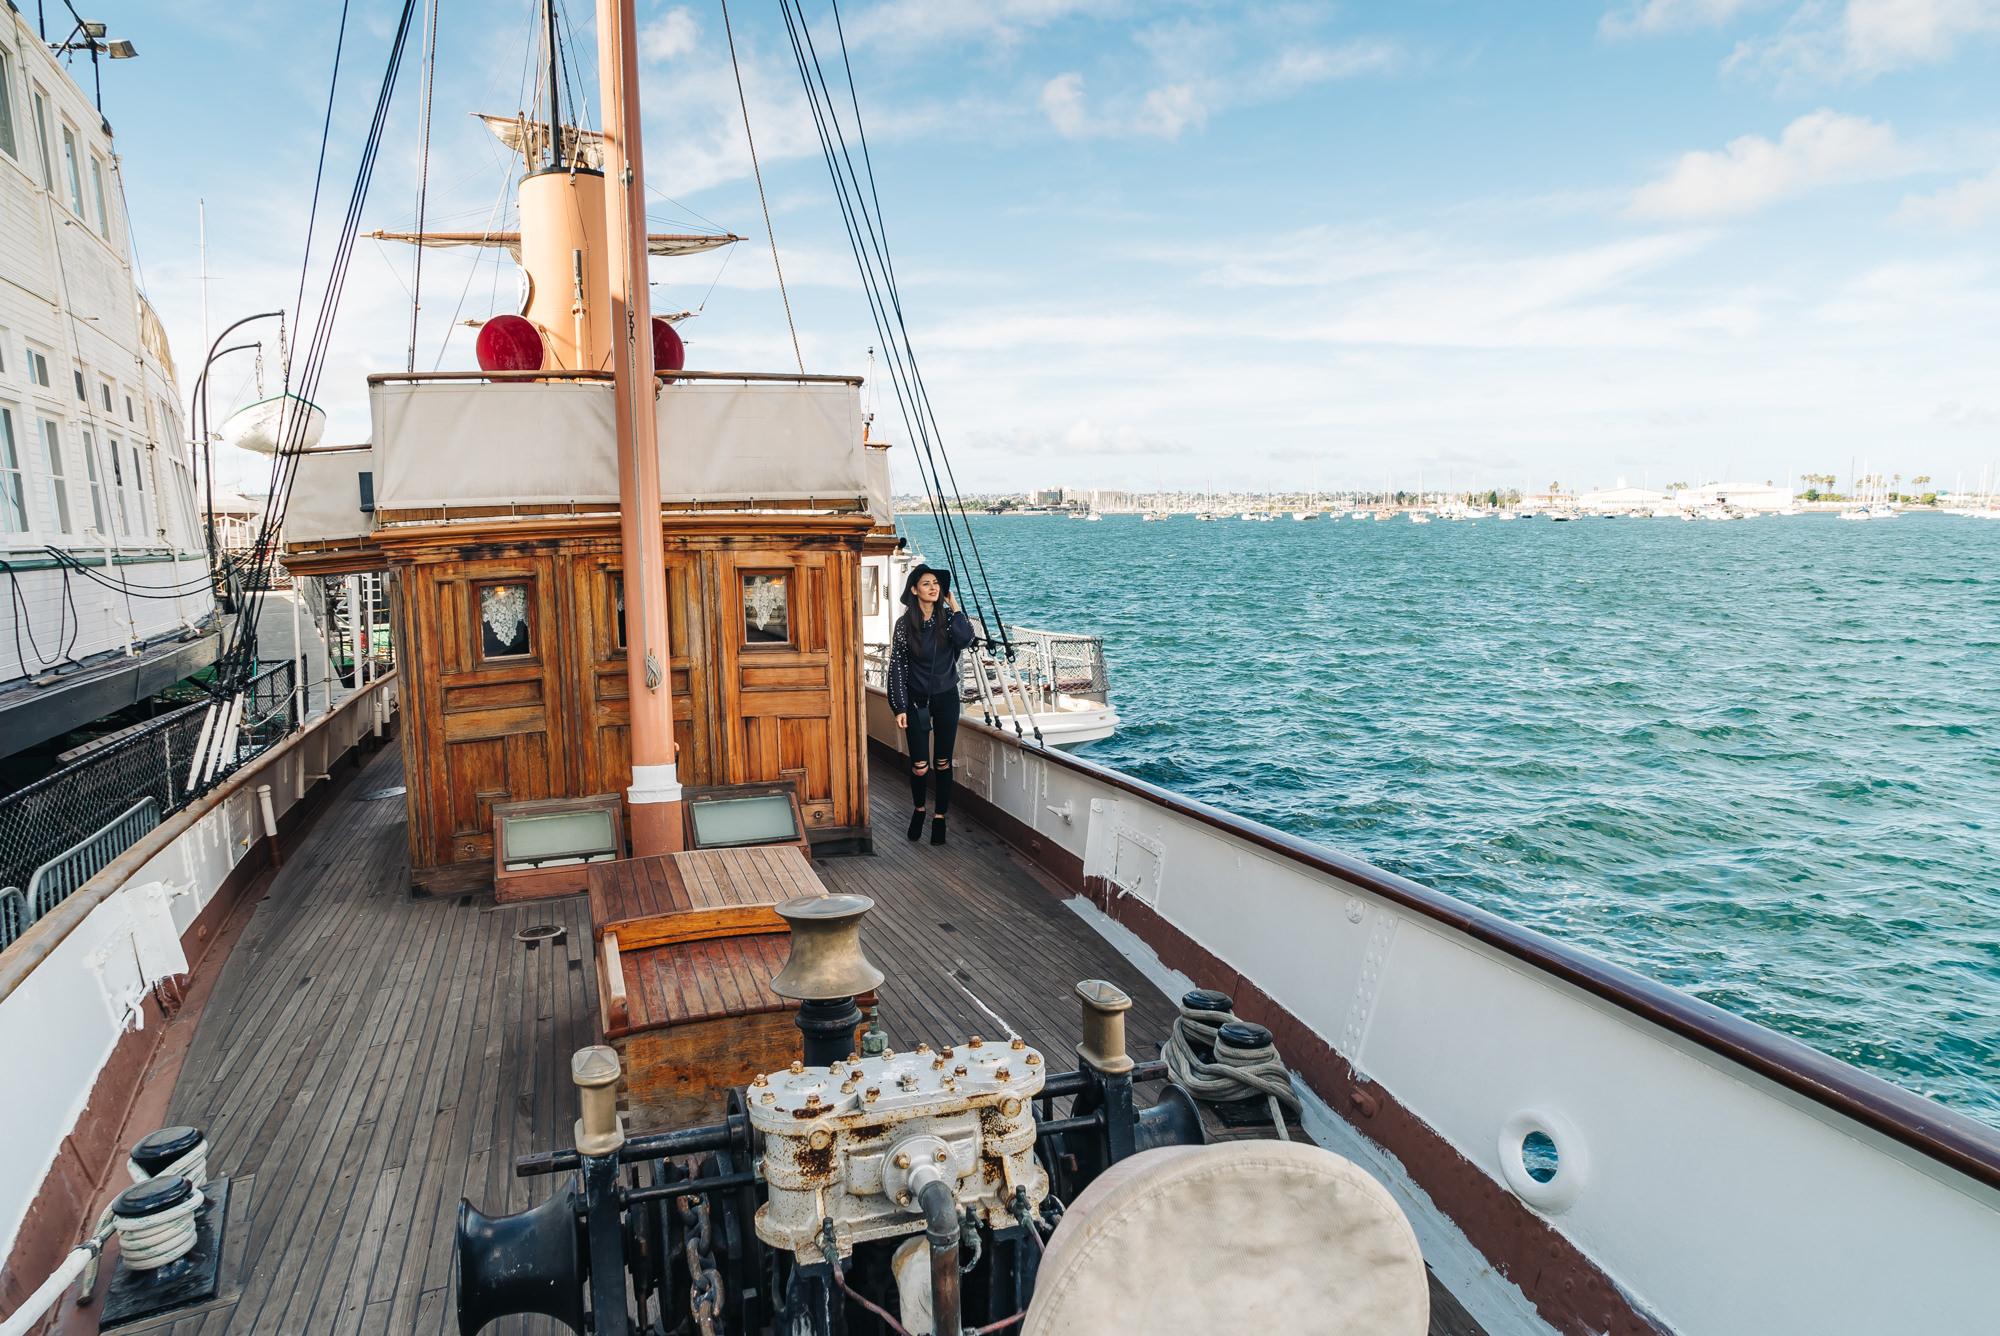 Walking around the 1904 Steam Yacht Medea